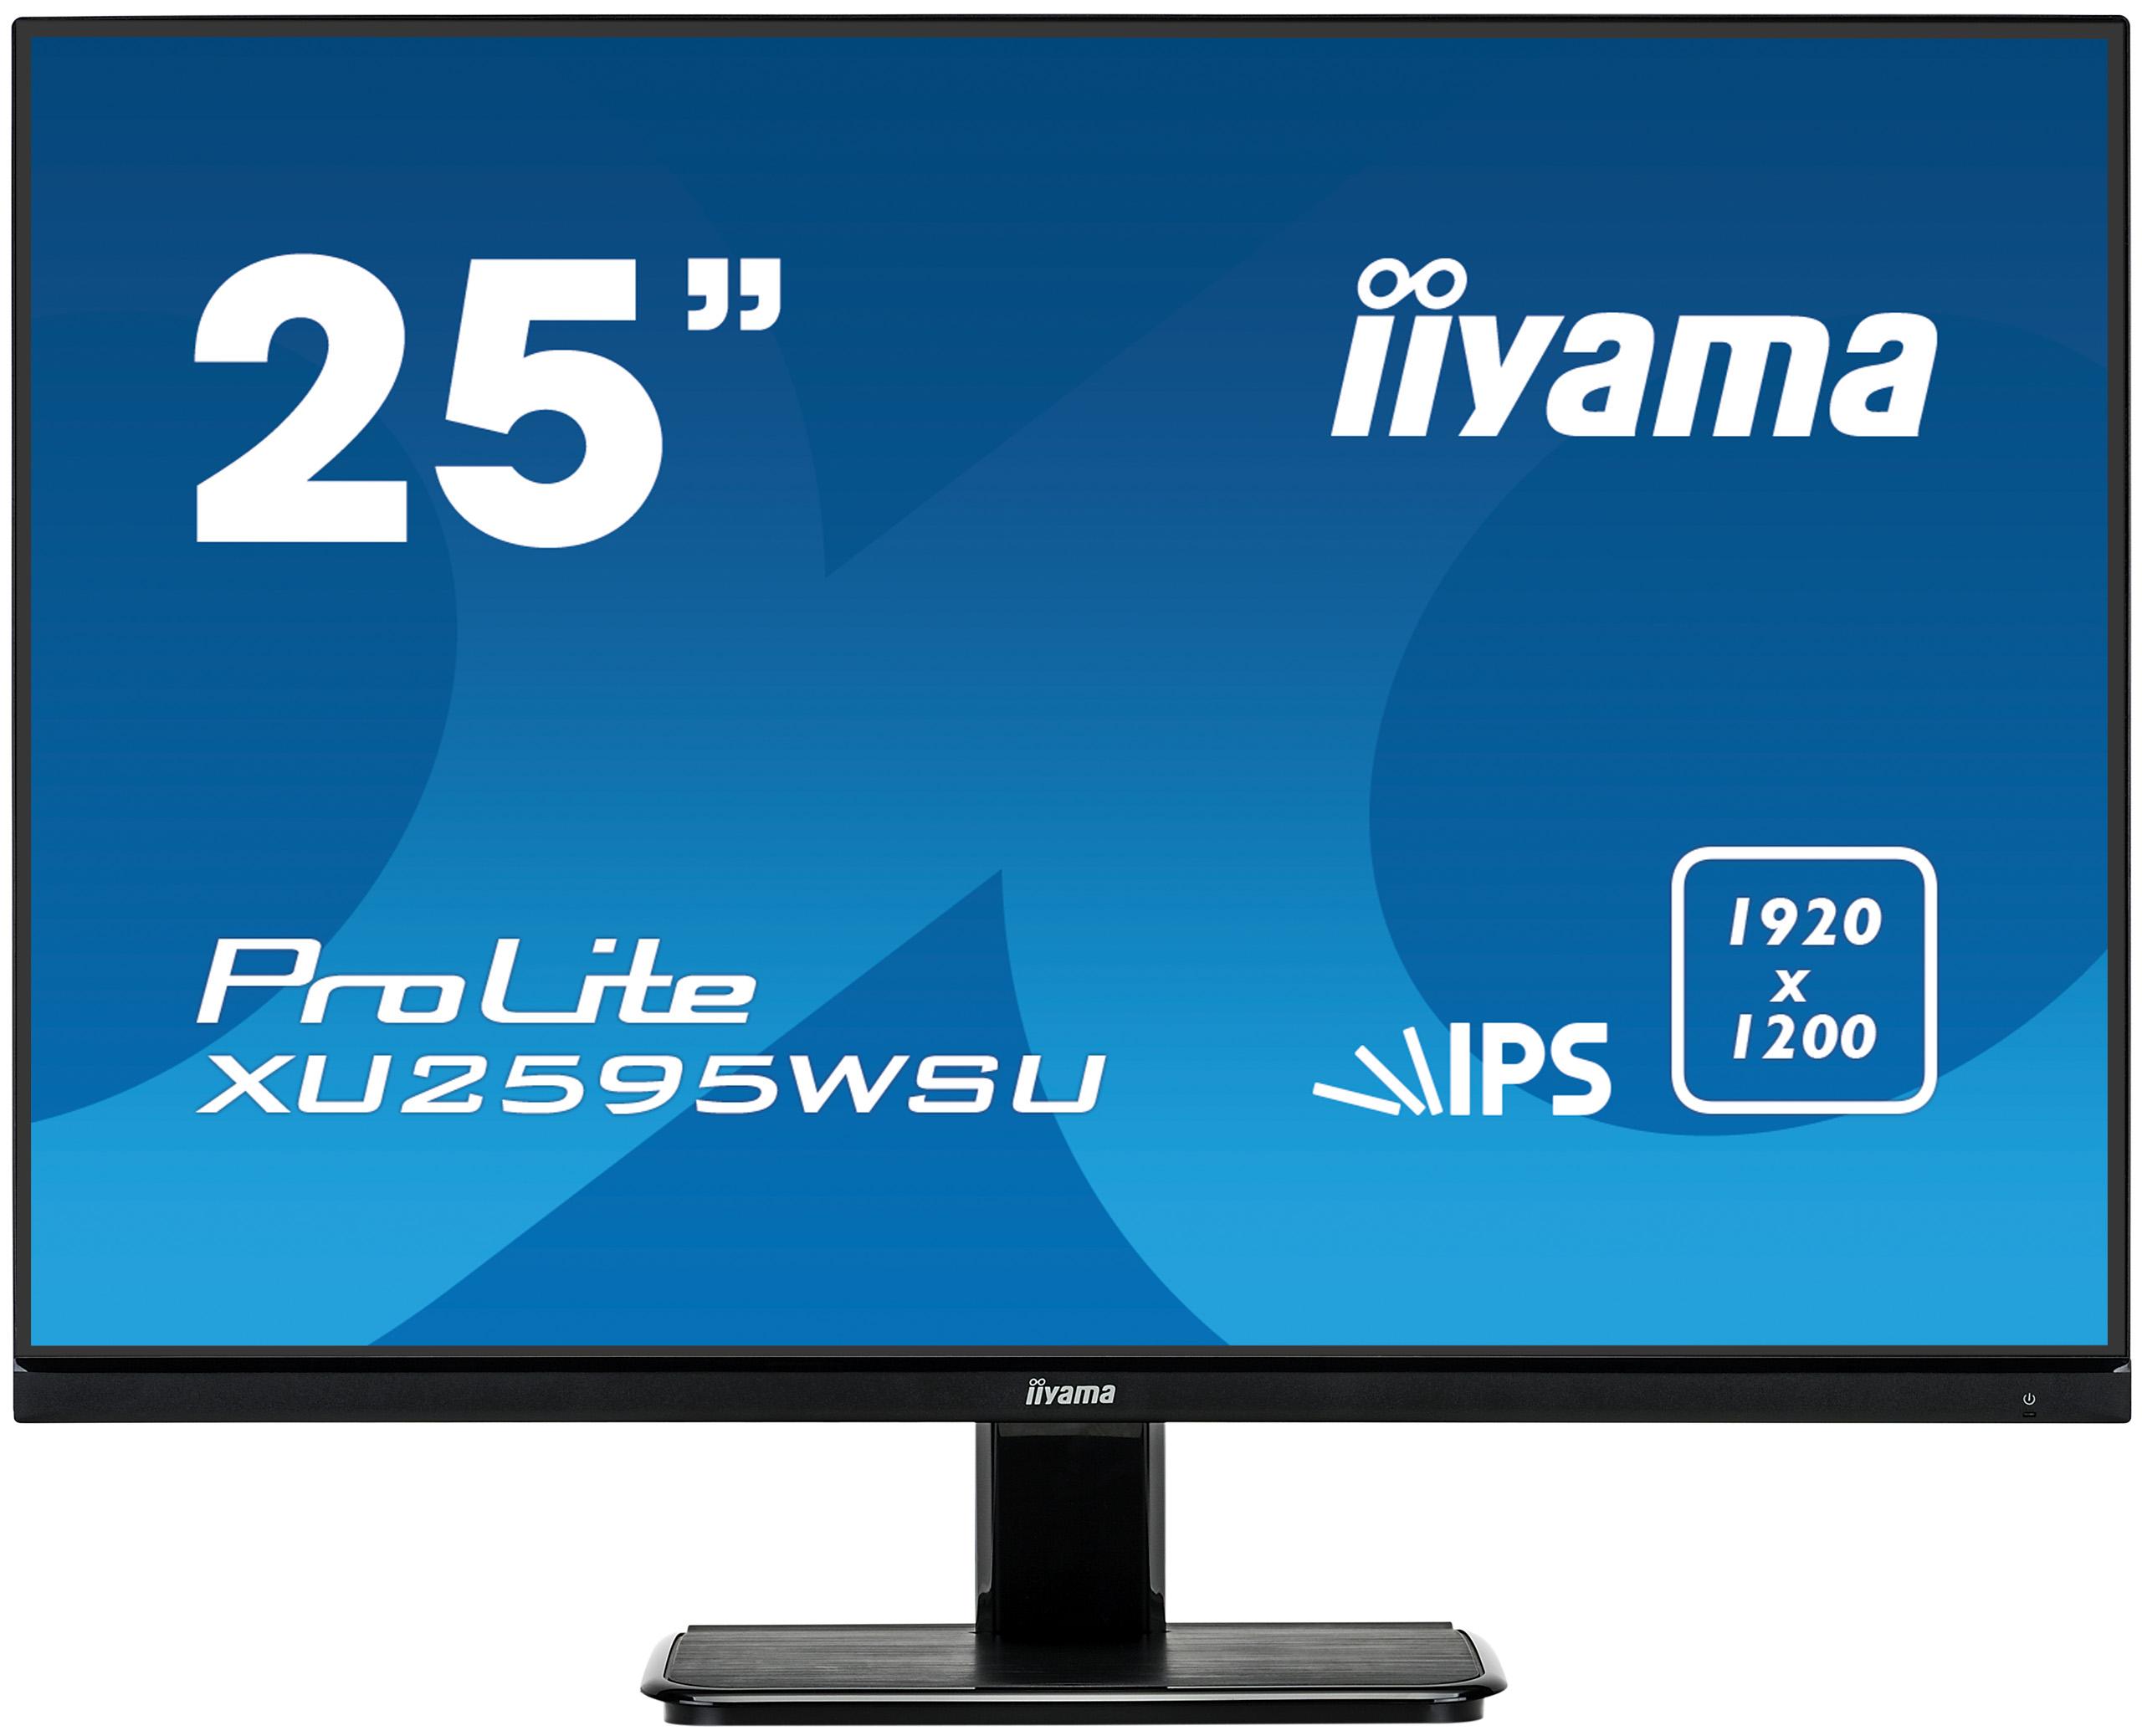 """25"""" iiyama XU2595WSU-B1: IPS, WUXGA (16:10)@75Hz, 300cd/m2, 4ms, VGA, HDMI, DP, USB, FreeSync, černý"""